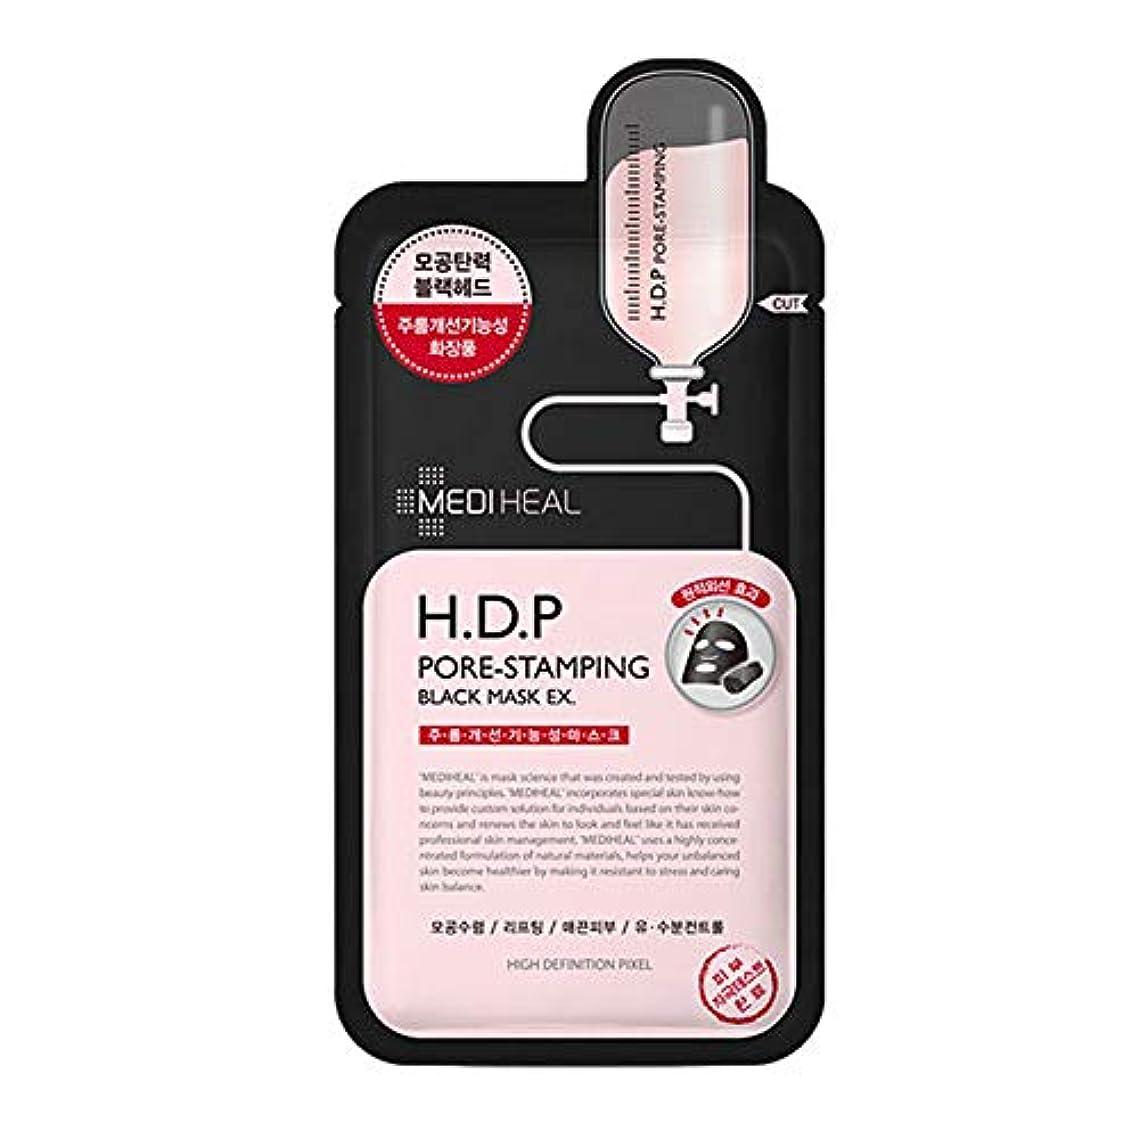 メディヒール(Mediheal) ブラックマスクシート10枚セット (HDPポアスタンピング)